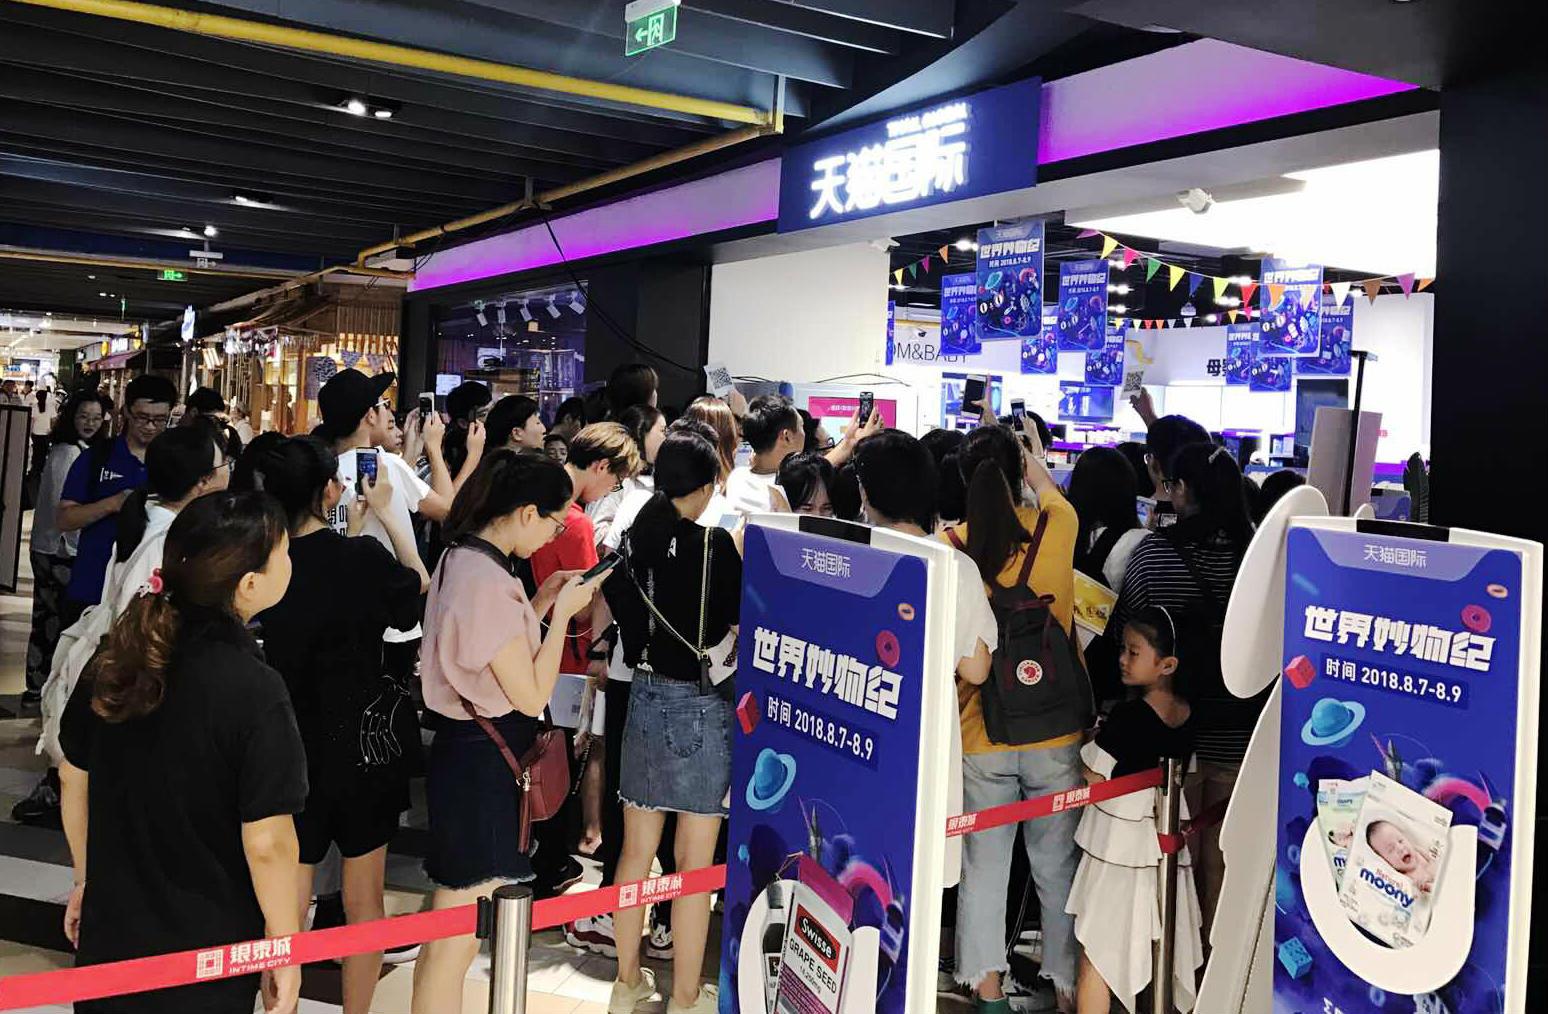 天猫国际位于西湖银泰的线下店带来客流高峰,消费者排队抢购全球好货_meitu_5